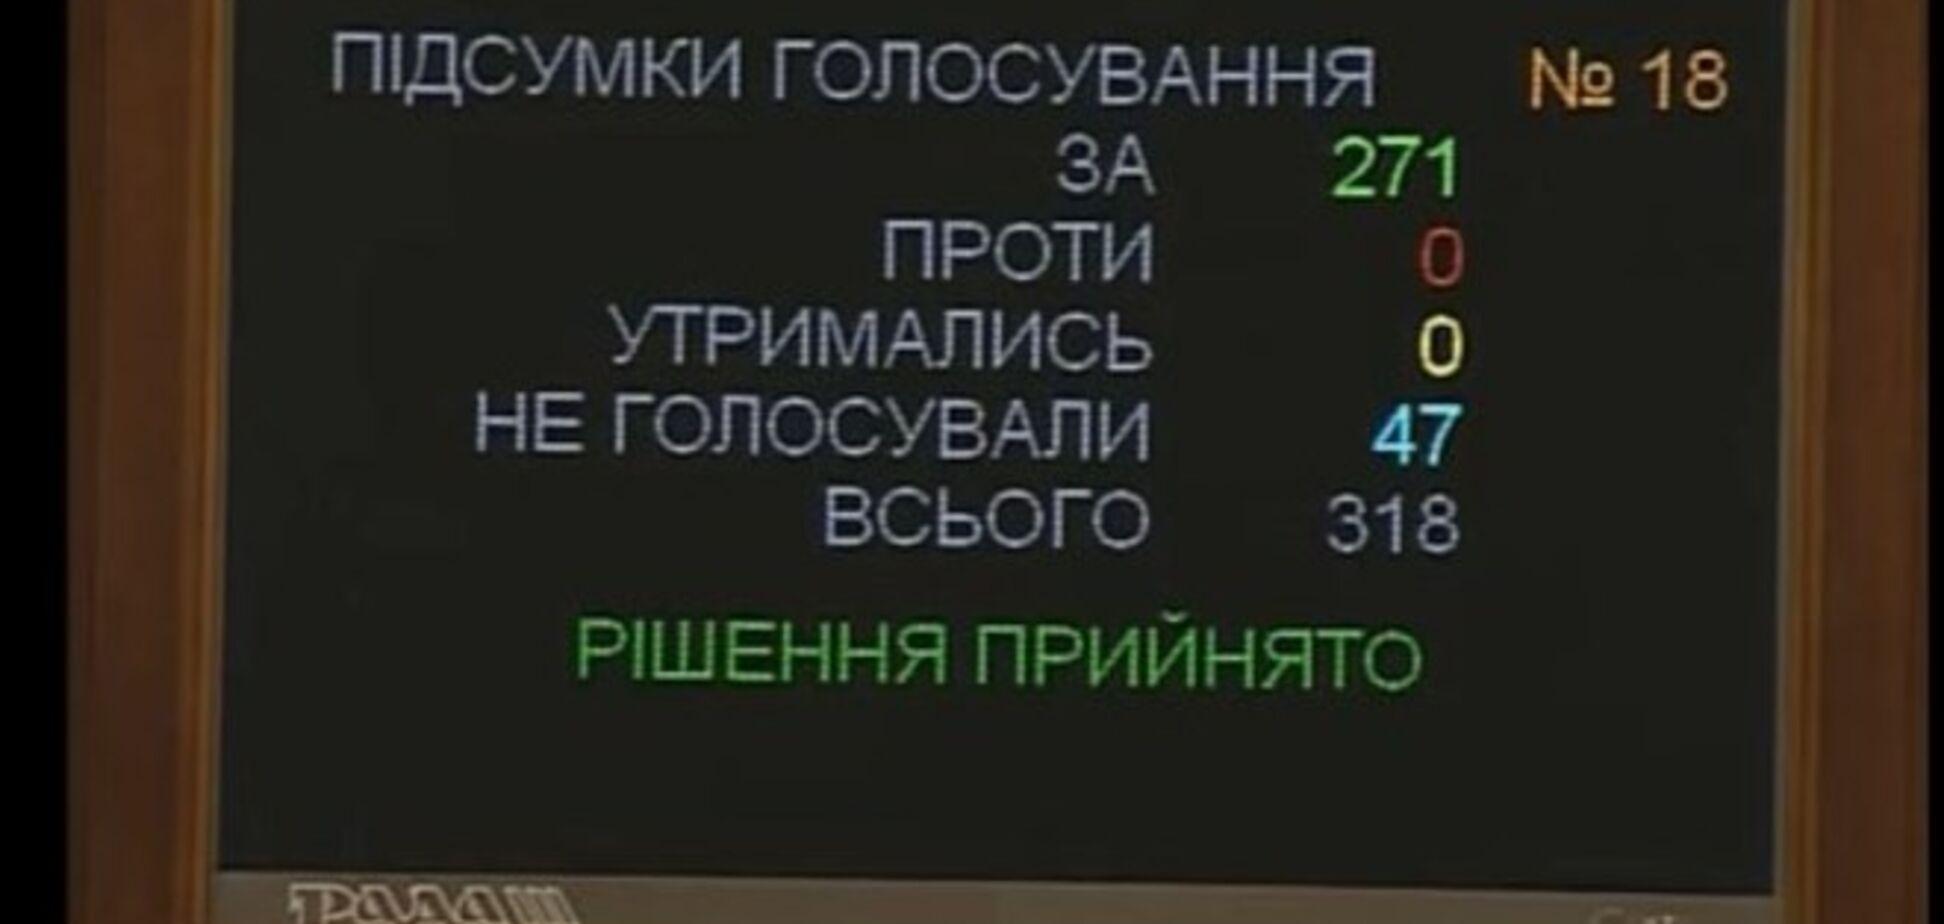 Рада заявила про визнання юрисдикції Гаазького трибуналу щодо злочинів керівництва РФ проти людяності